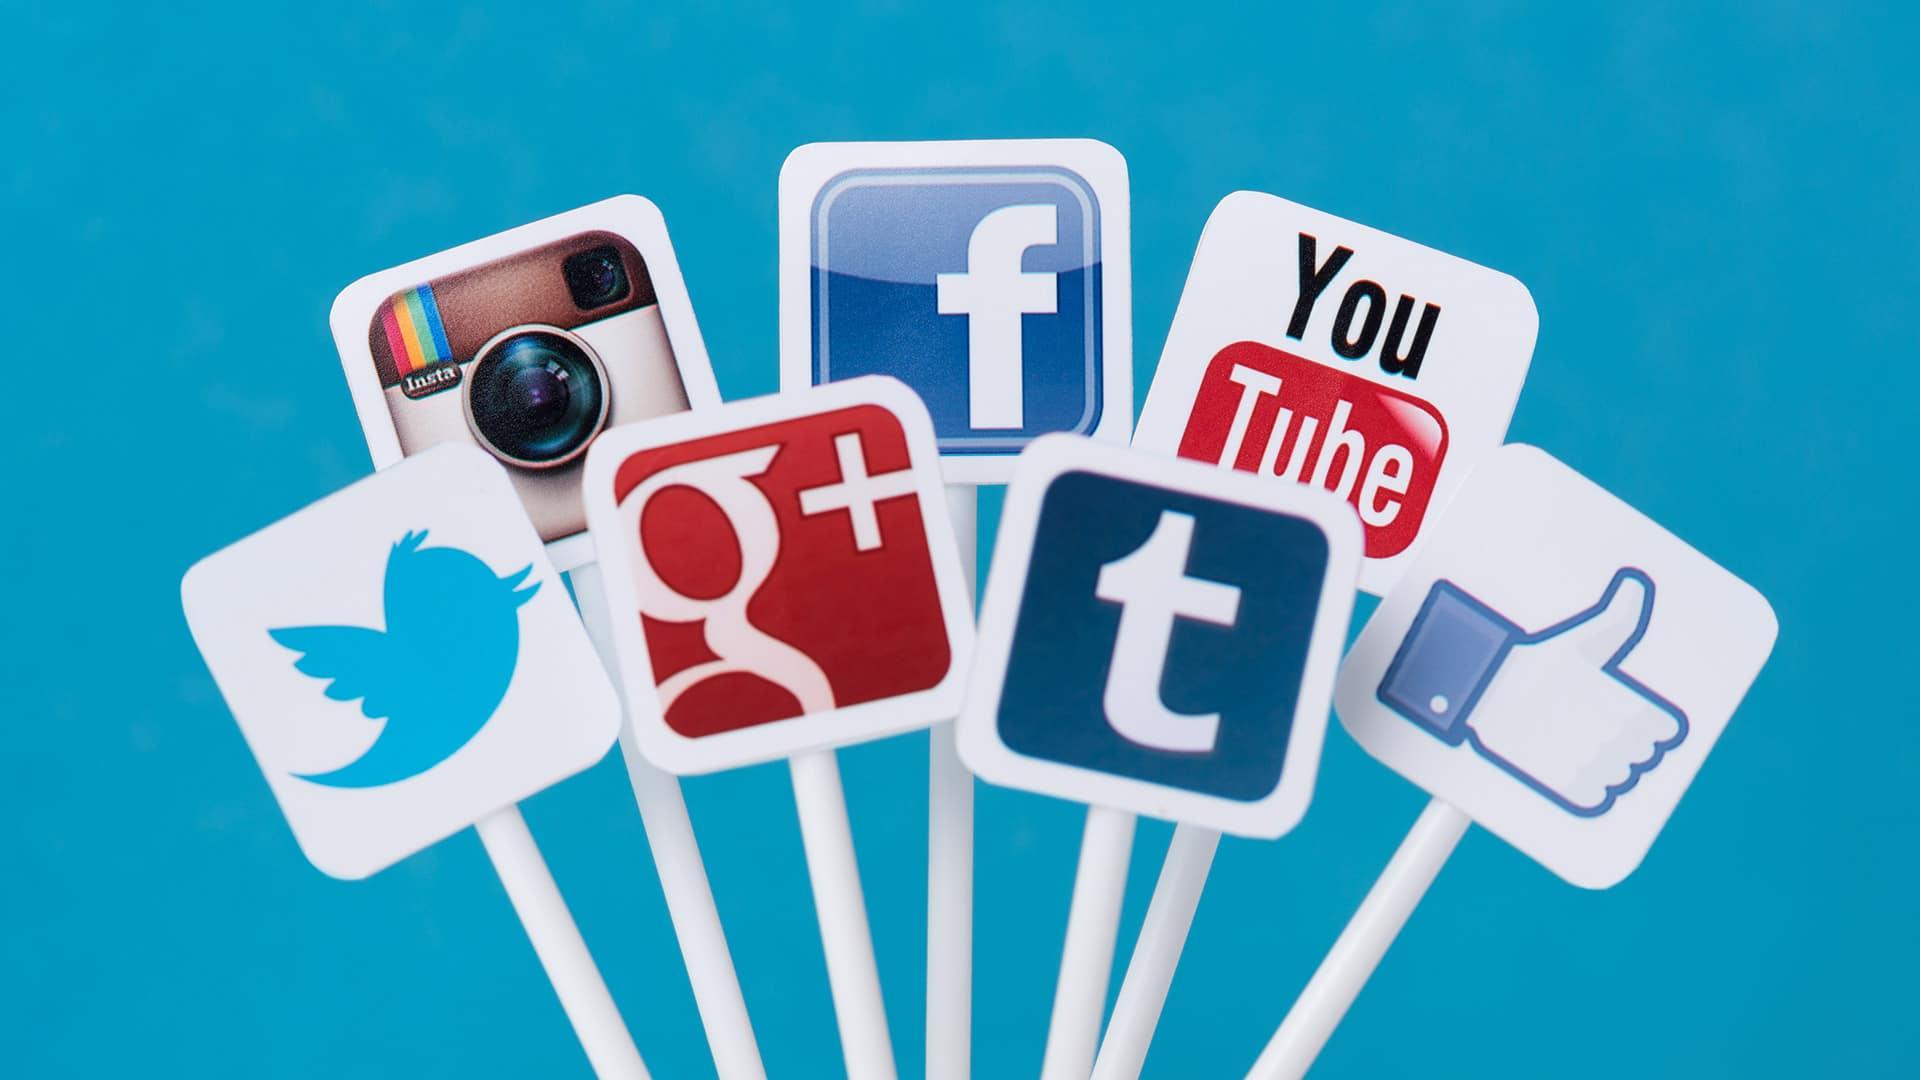 agence vr social media